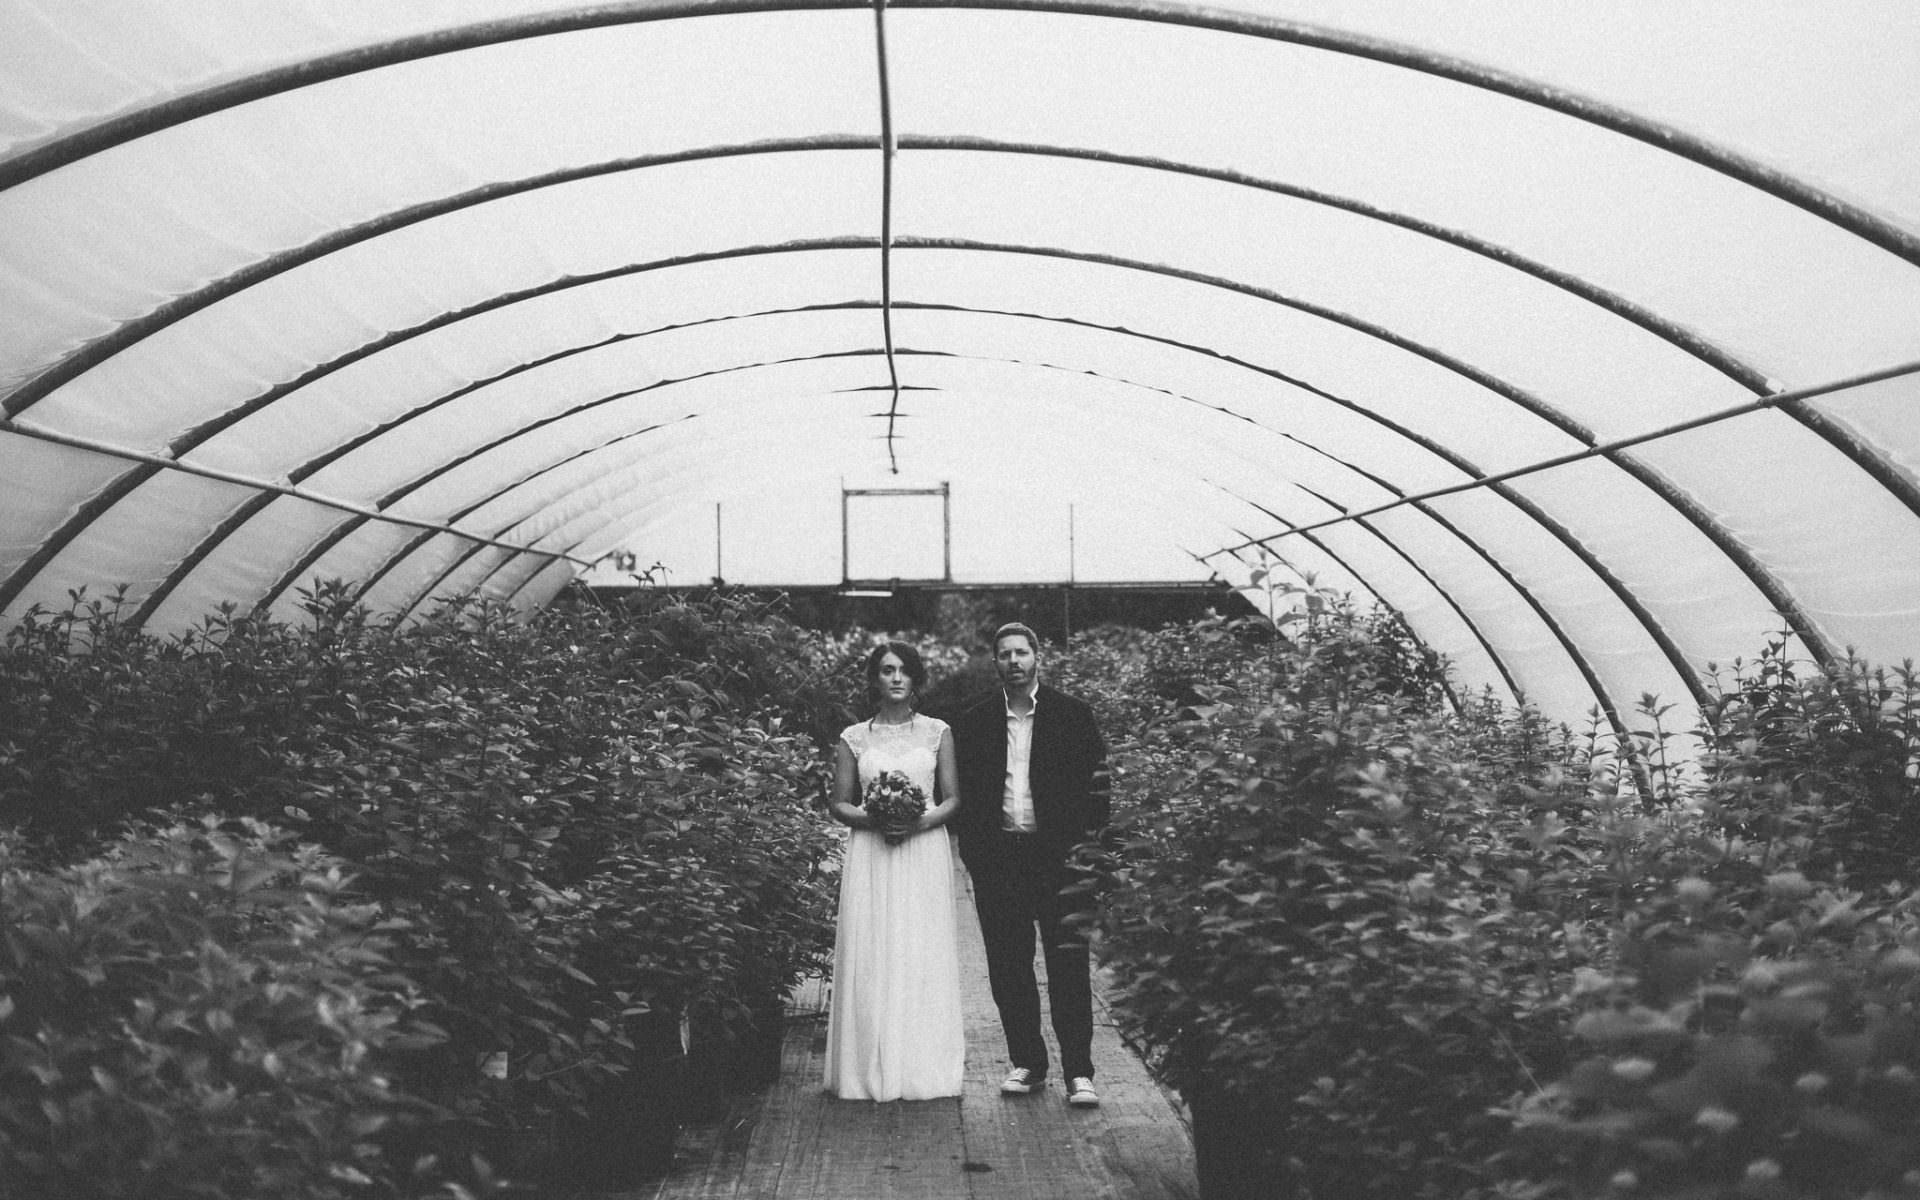 Hochzeitsfotograf aus Wuerzburg - Axel Link Photography